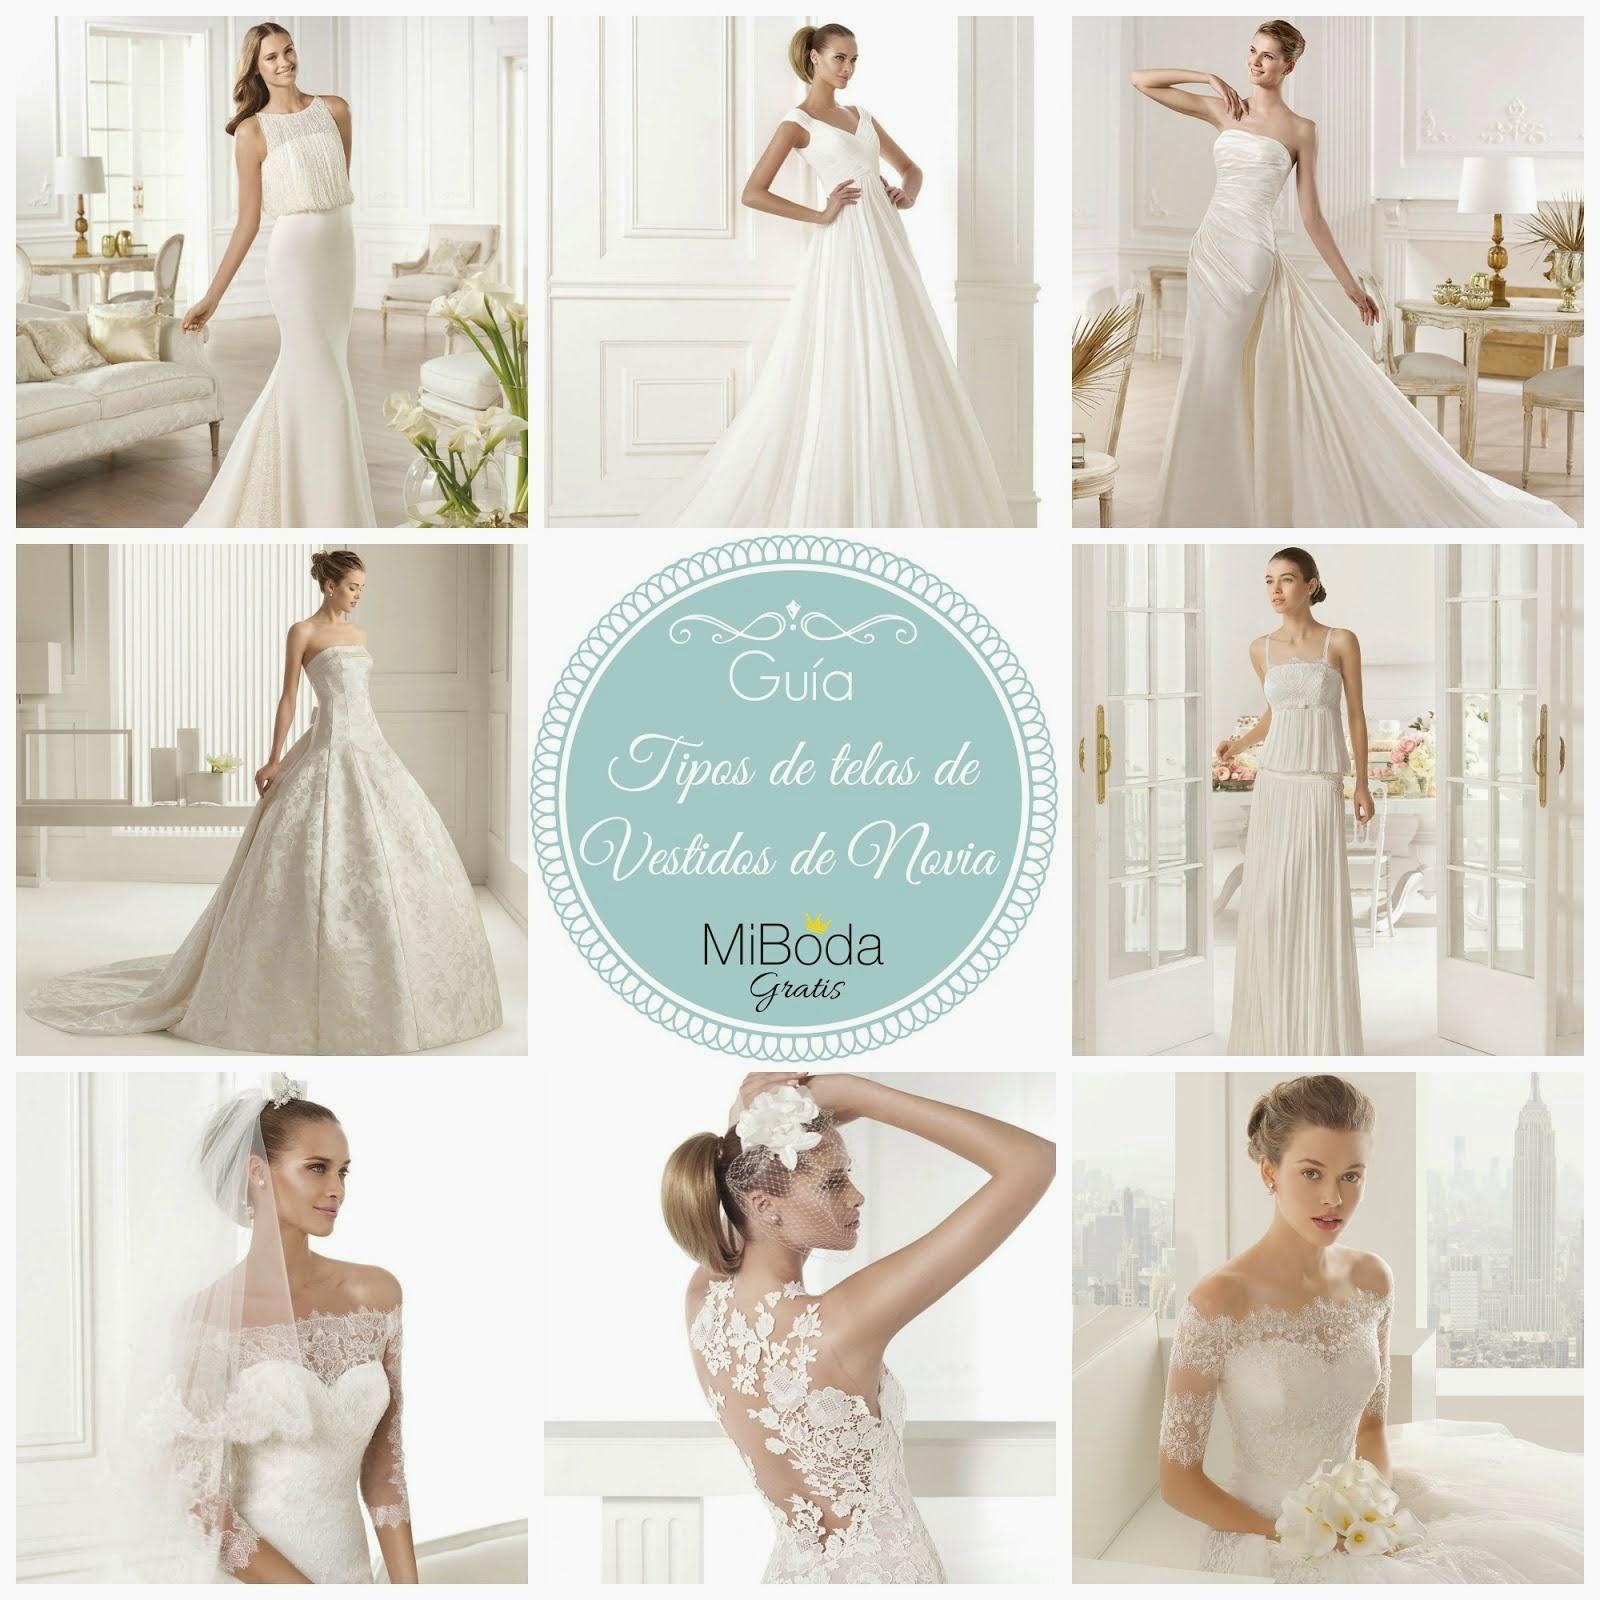 Guía tipos de telas de Vestidos de Novia